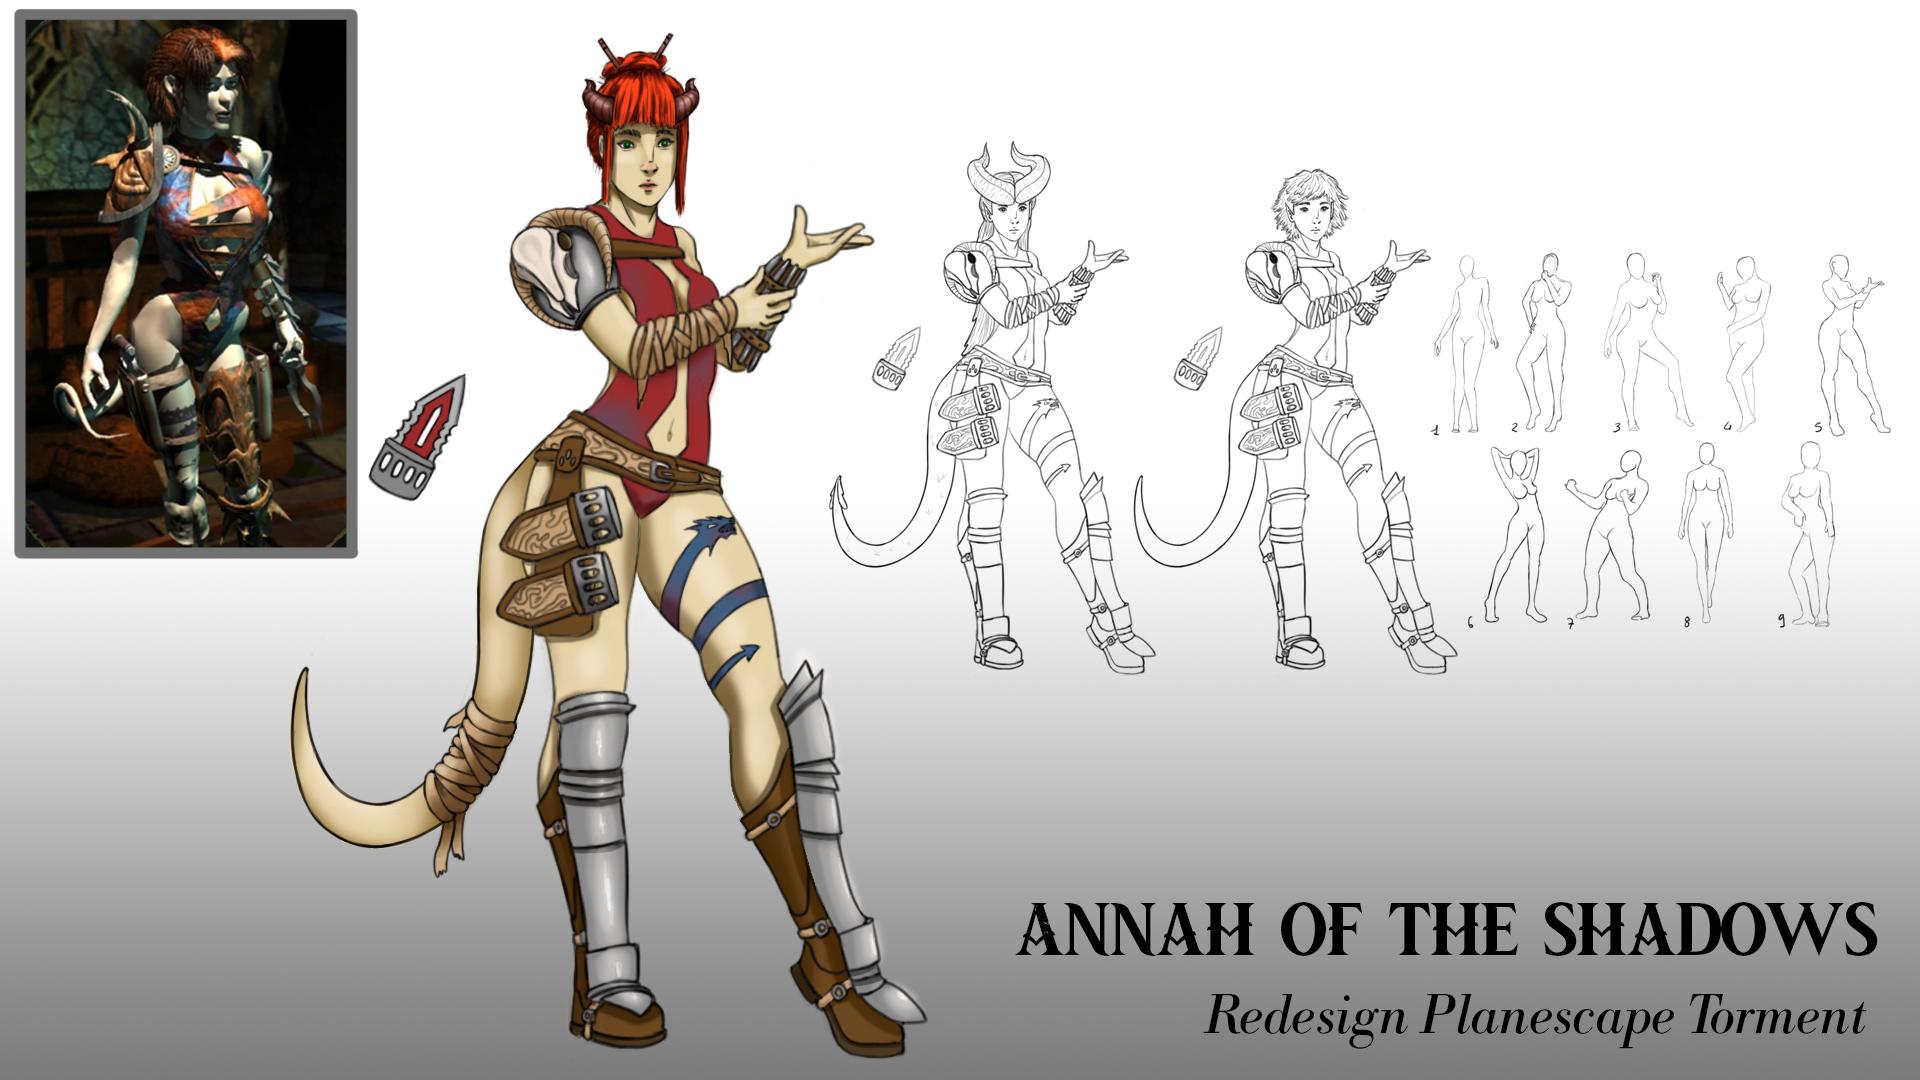 {$tags} Concept study personaggio, Annah - by Ruggero Ciliento Planescape Torment Redesign Project (2020) © Scuola Internazionale di Comics Torino e dell'autore, tutti i diritti riservati